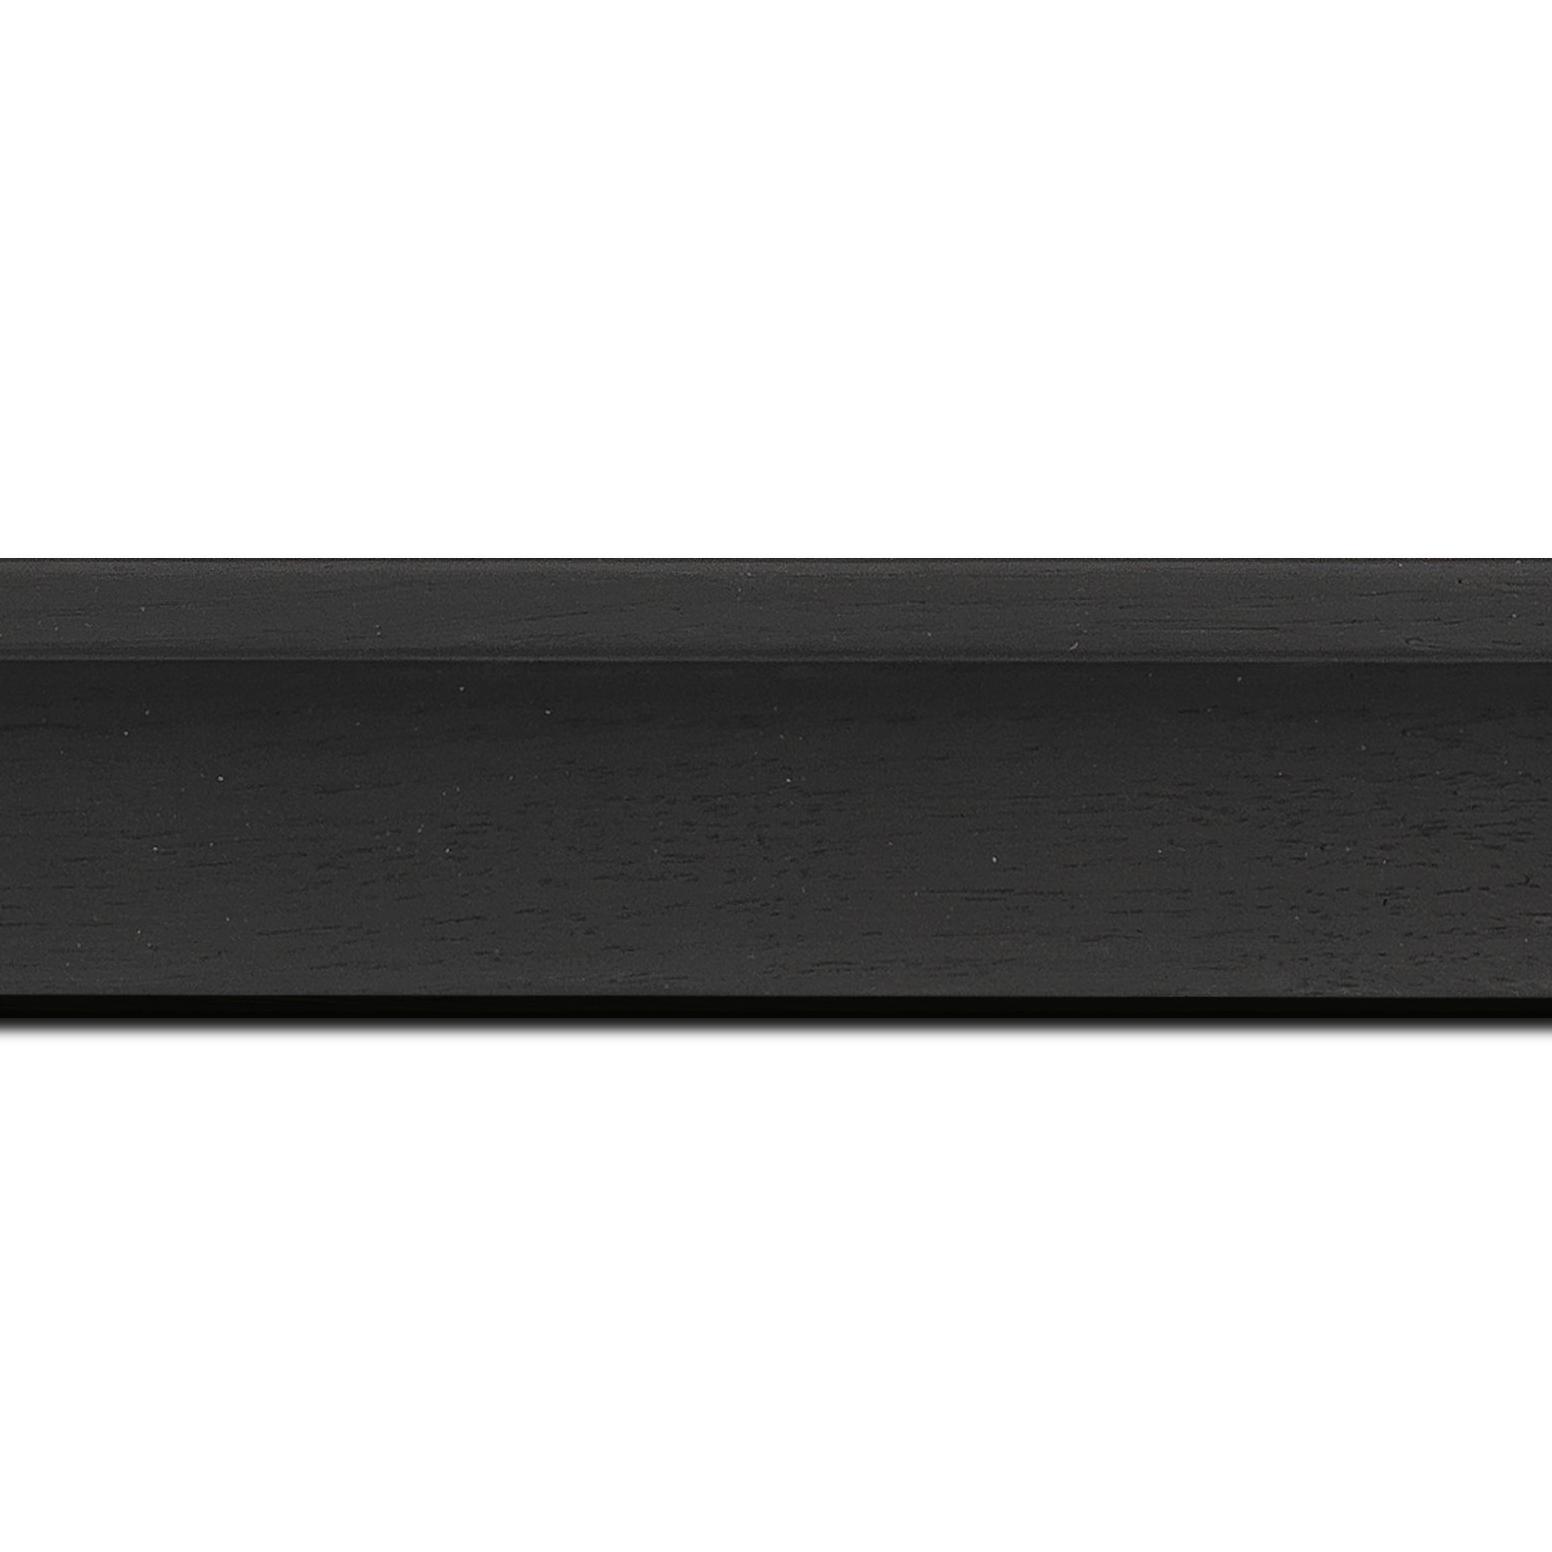 Pack par 12m, bois caisse américaine profil en l largeur 4.5cm placage haut de gamme  chêne teinté noir (spécialement conçu pour les châssis d'une épaisseur jusqu'à 3.5cm ) information complémentaire : il faut renseigner la dimension précise de votre sujet  et l'espace intérieur entre la toile et le cadre sera de 1.5cm (longueur baguette pouvant varier entre 2.40m et 3m selon arrivage des bois)